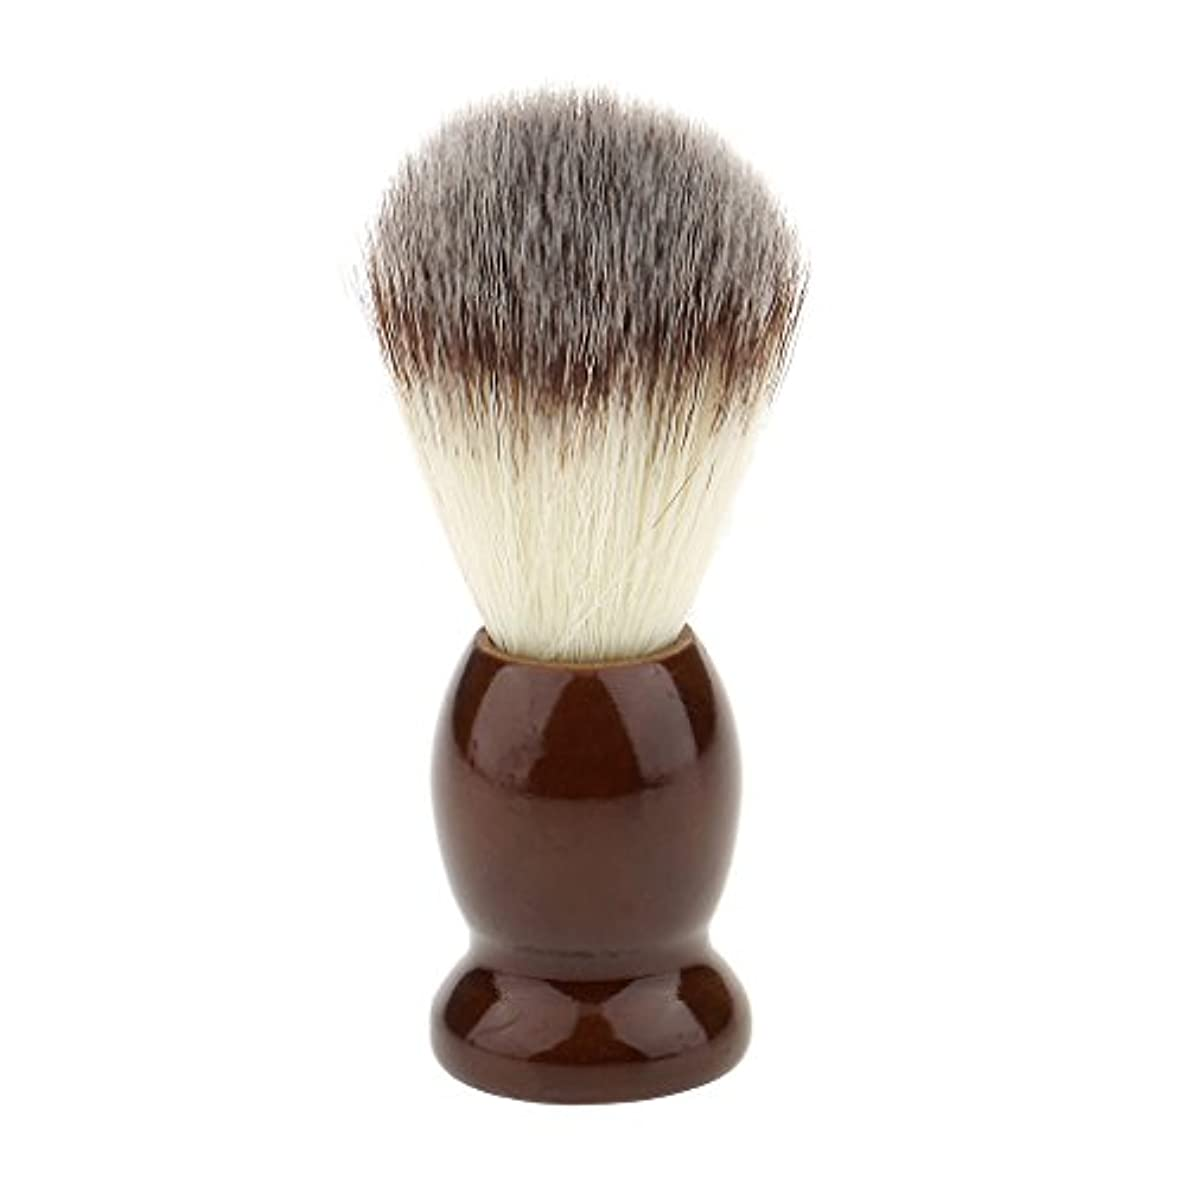 印をつけるヘルメット膨らませるナイロン製 シェービングブラシ 柔らかい 理容 洗顔 髭剃り 便携 10.5cm ブラウン